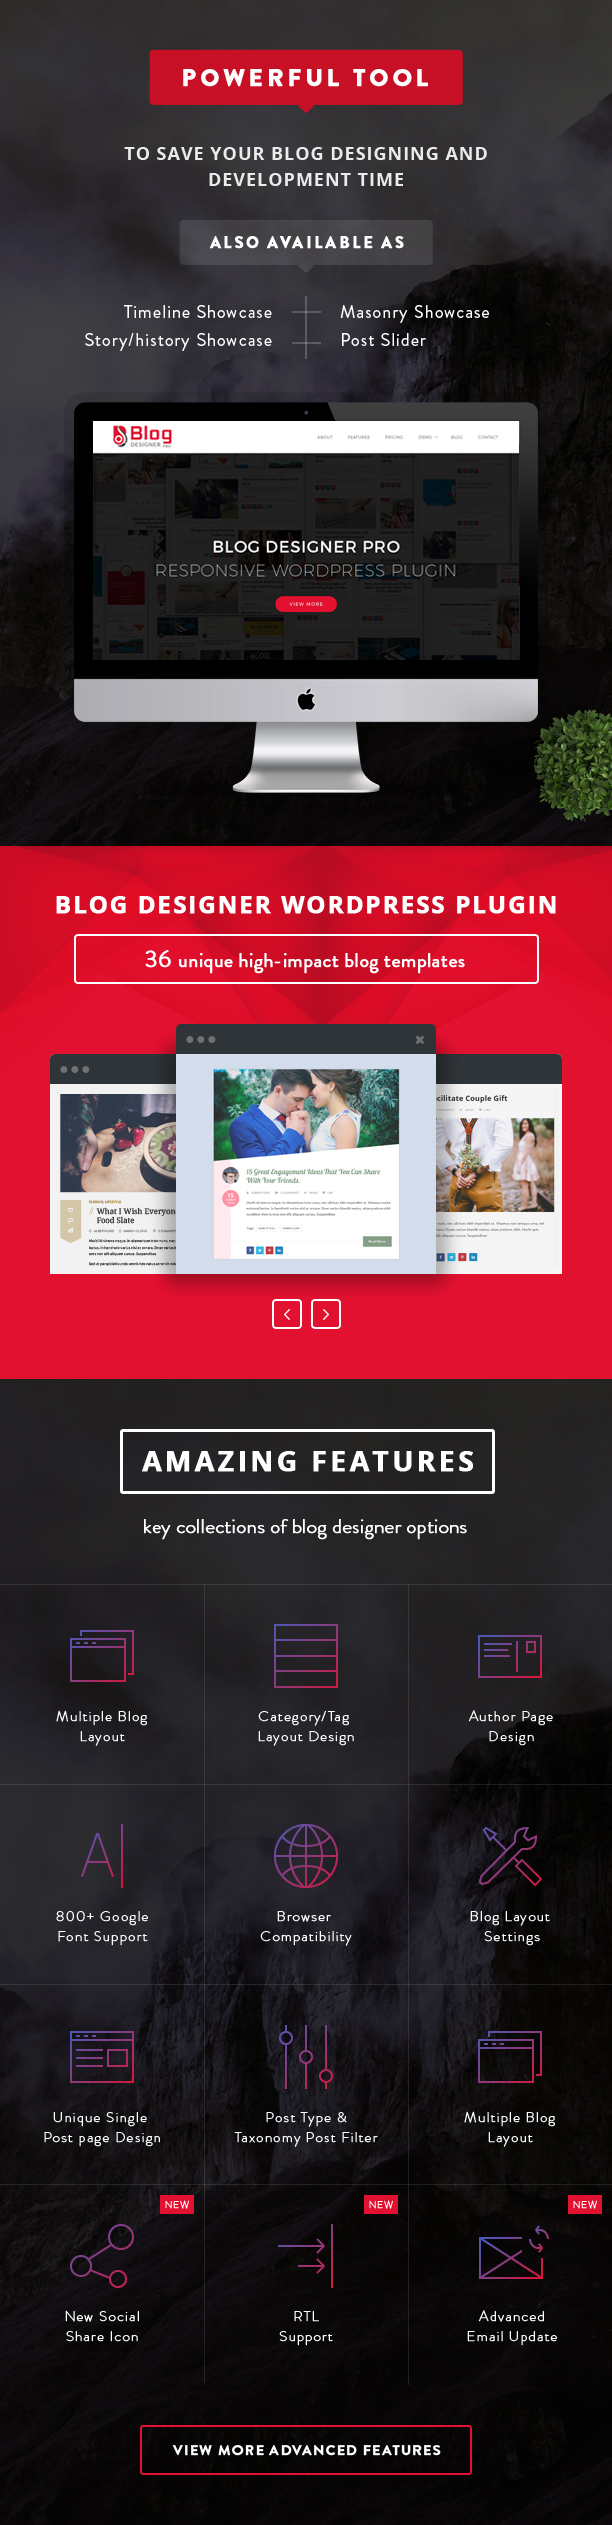 Blog Designer PRO Features